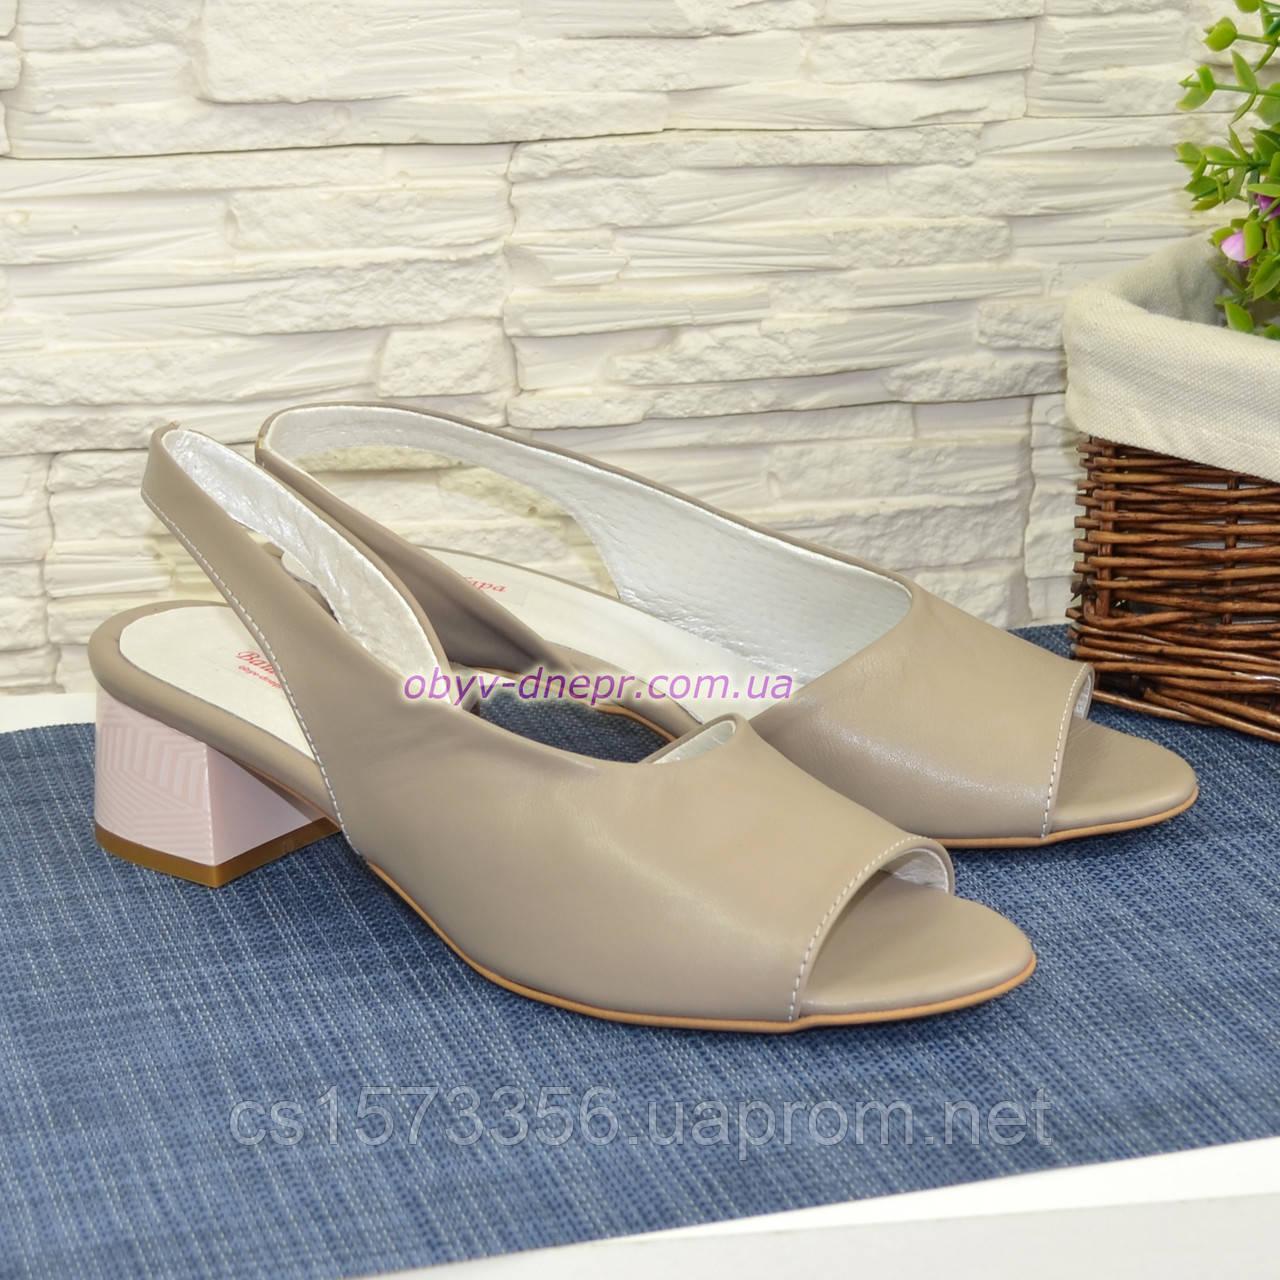 Женские босоножки на невысоком каблуке, цвет визон